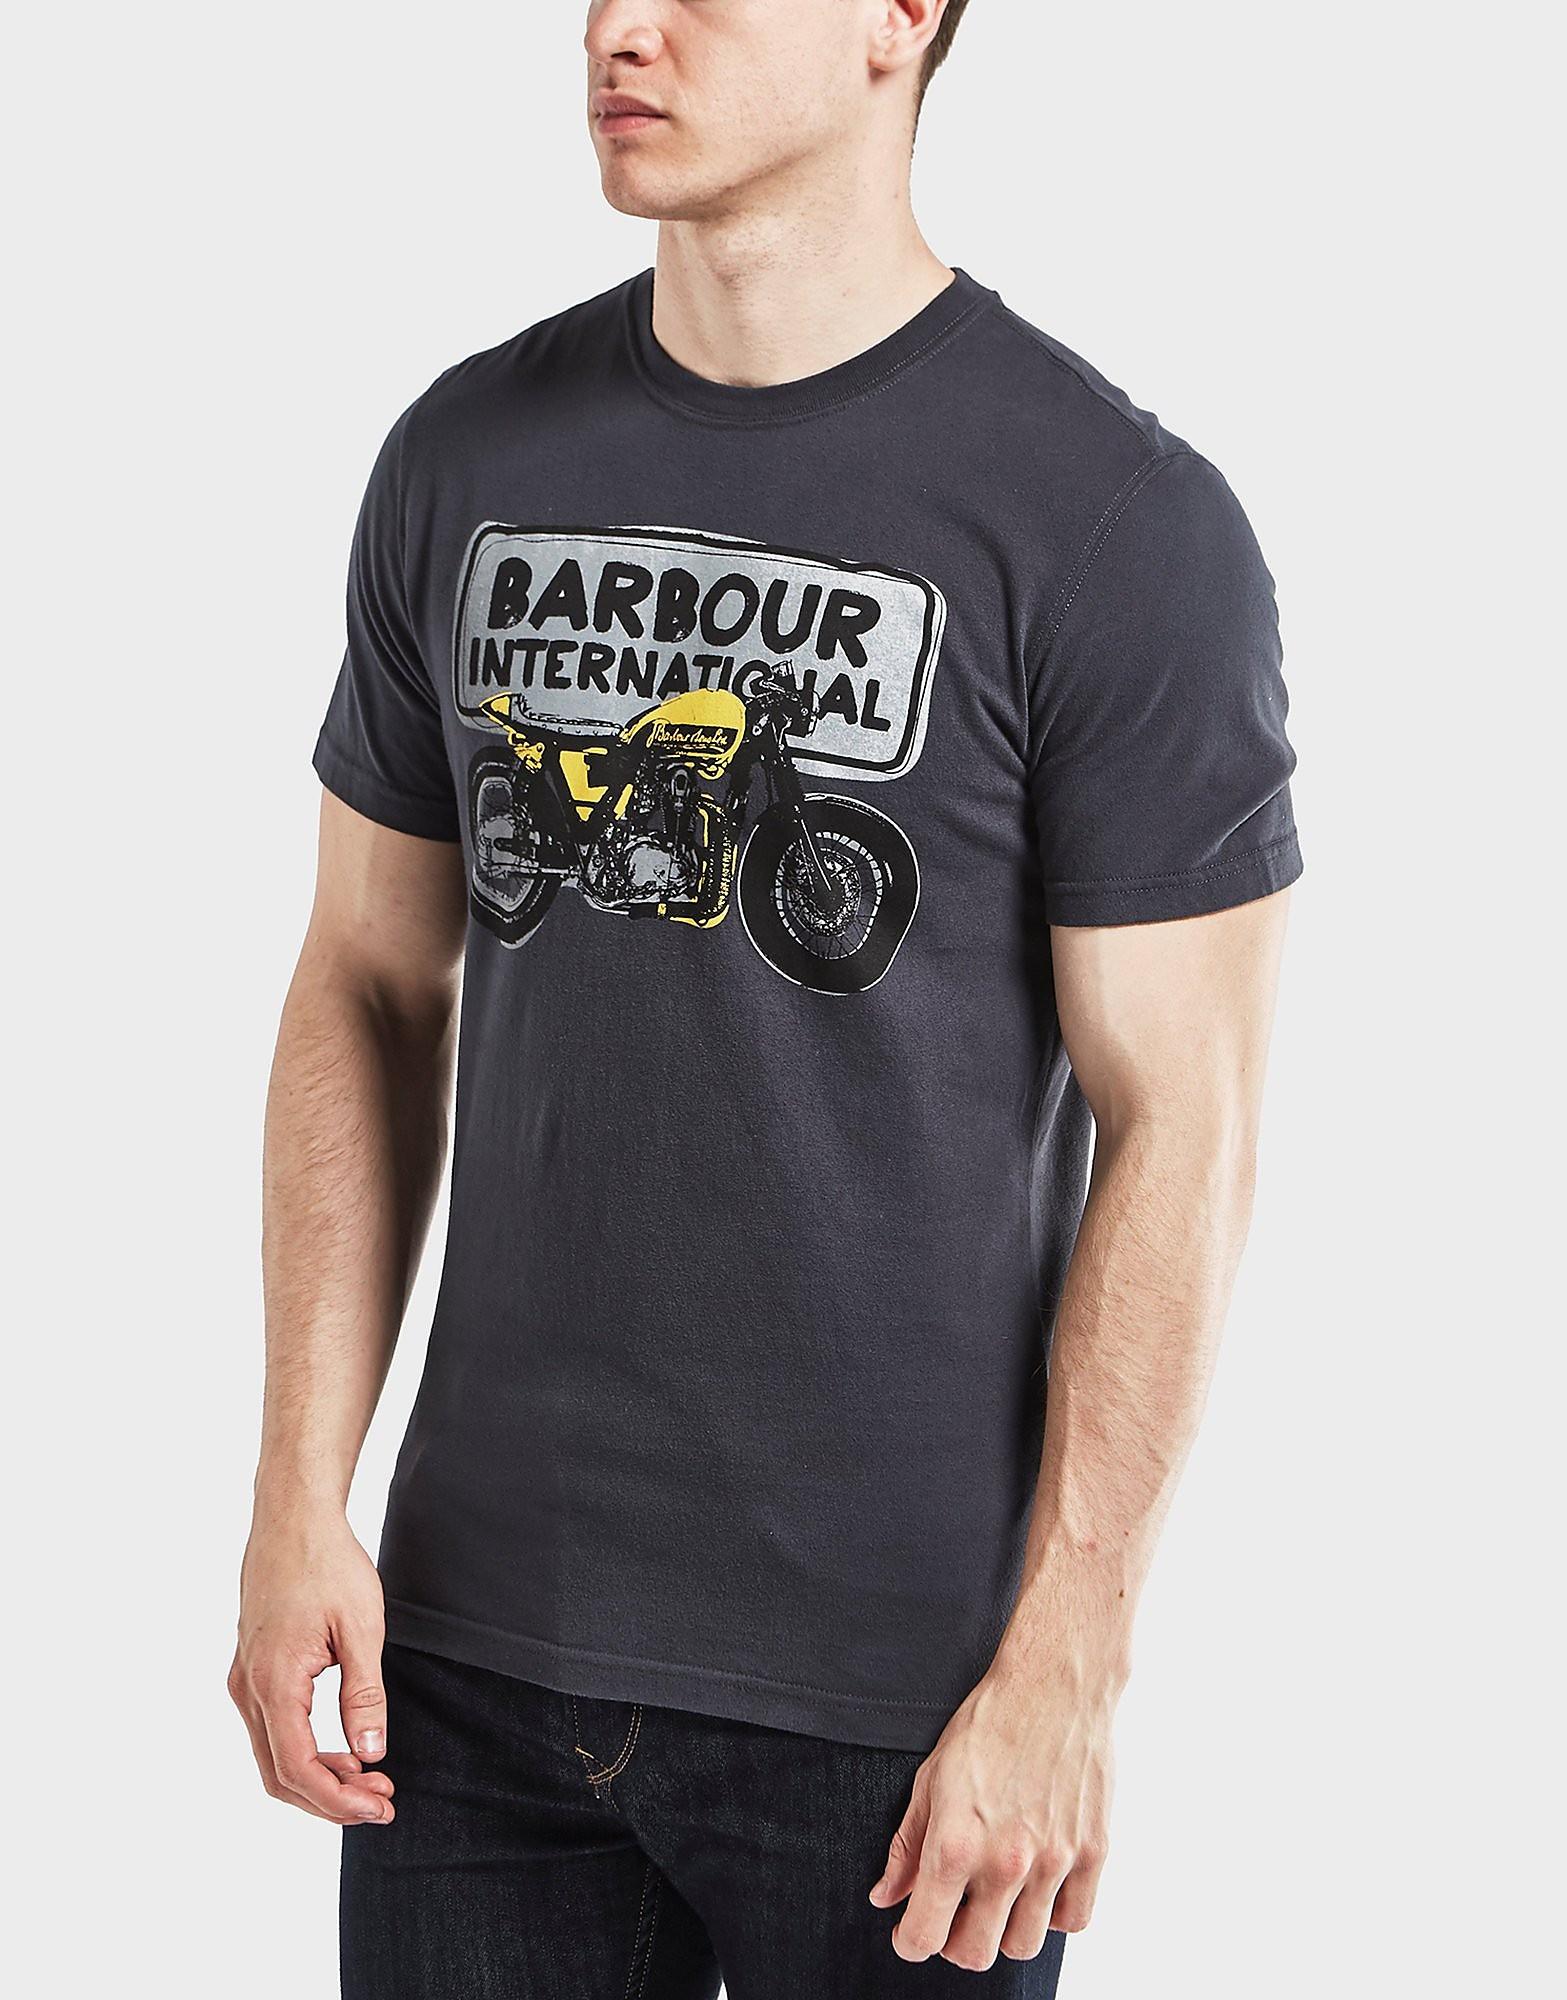 Barbour International Biker T-Shirt